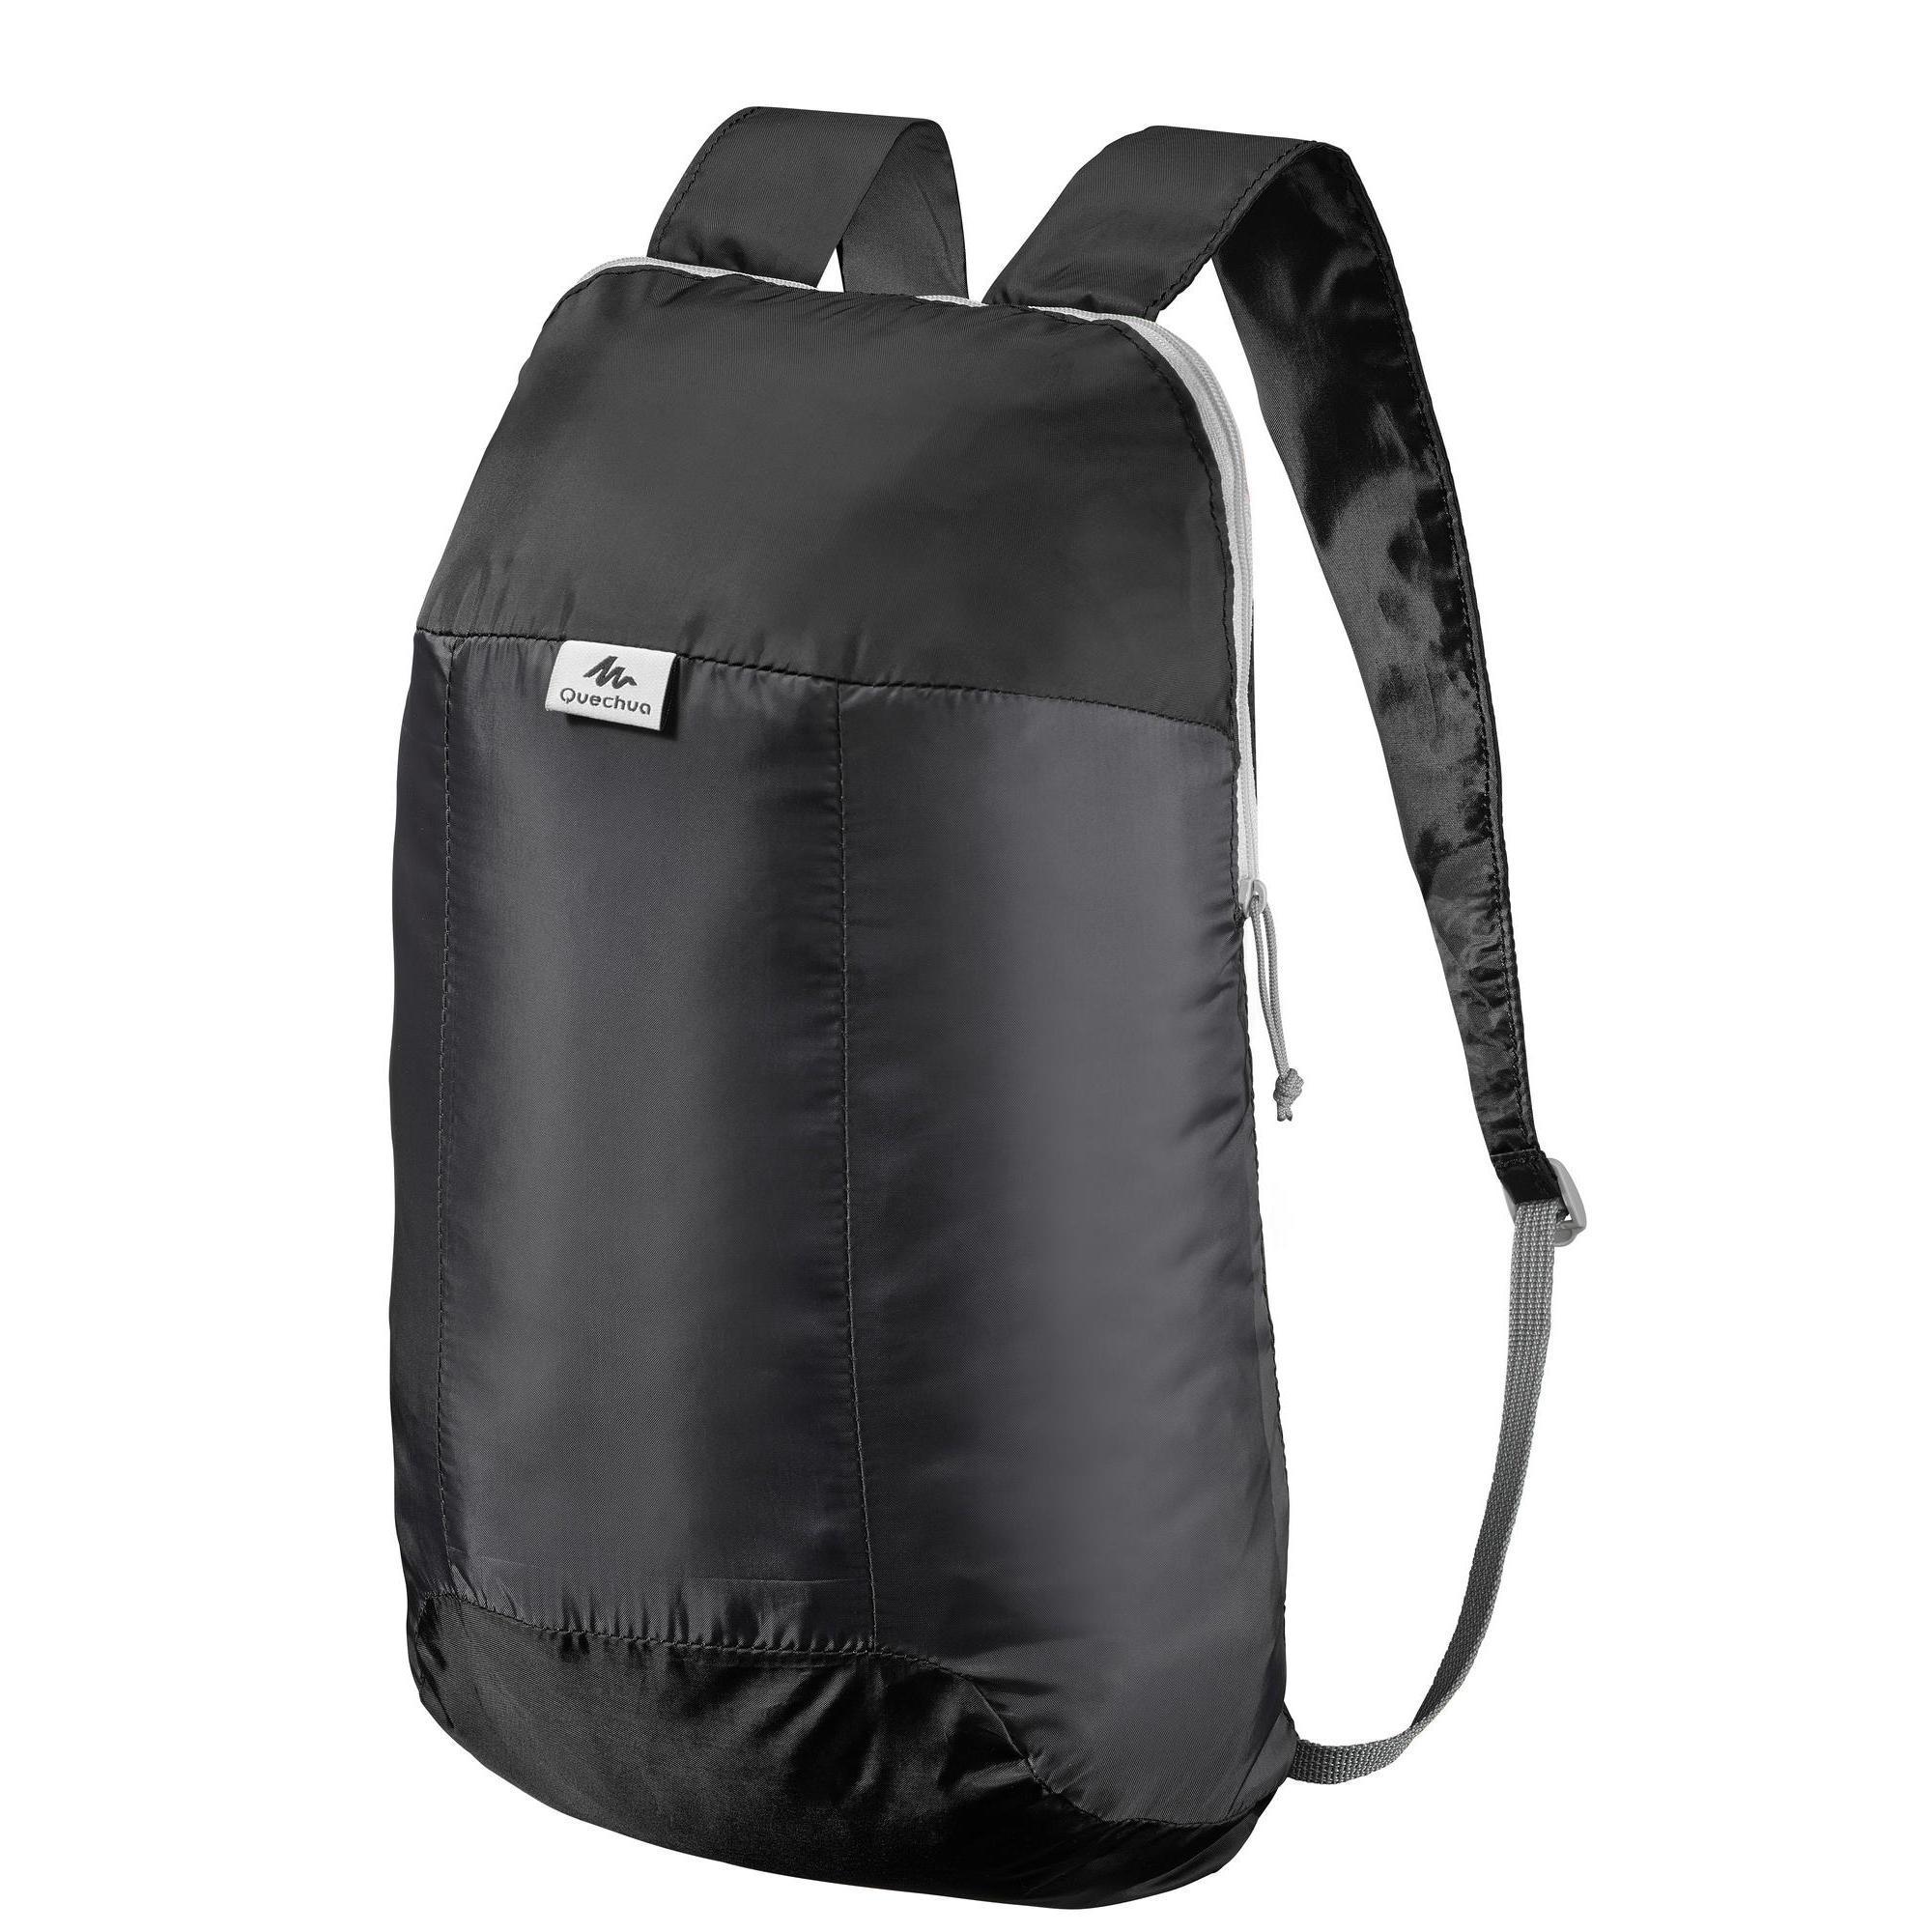 Quechua Petit sac /à dos ultra compact et pliable pour le camping ext/érieur festivals voyage et randonn/ée 10/litres